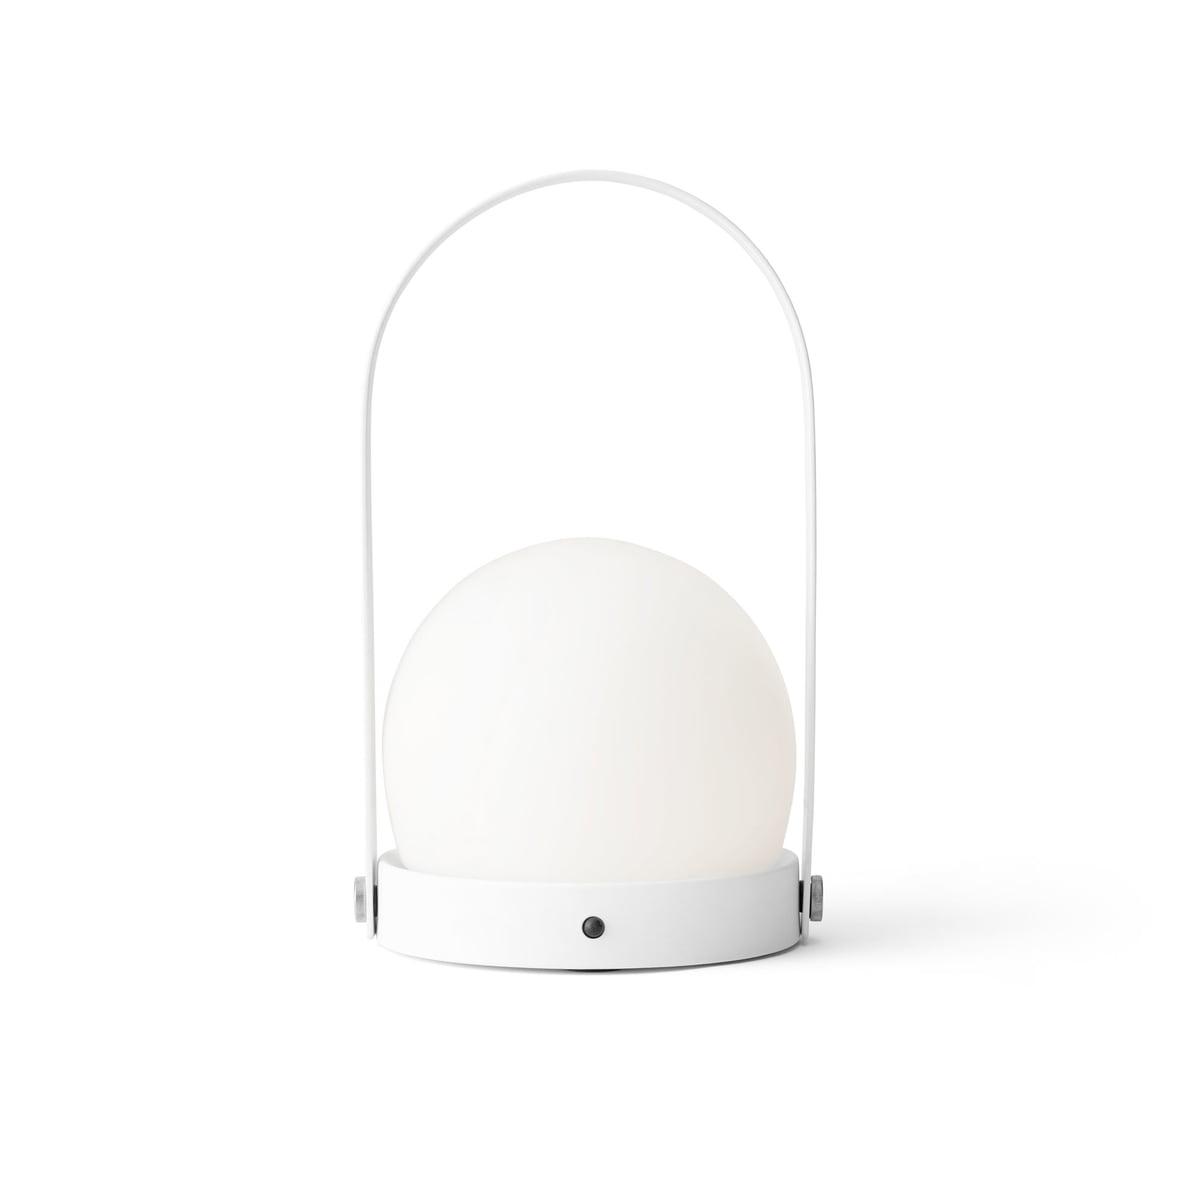 kleine zimmerrenovierung design weiss bettwasche, carrie led lampe von menu | connox, Innenarchitektur